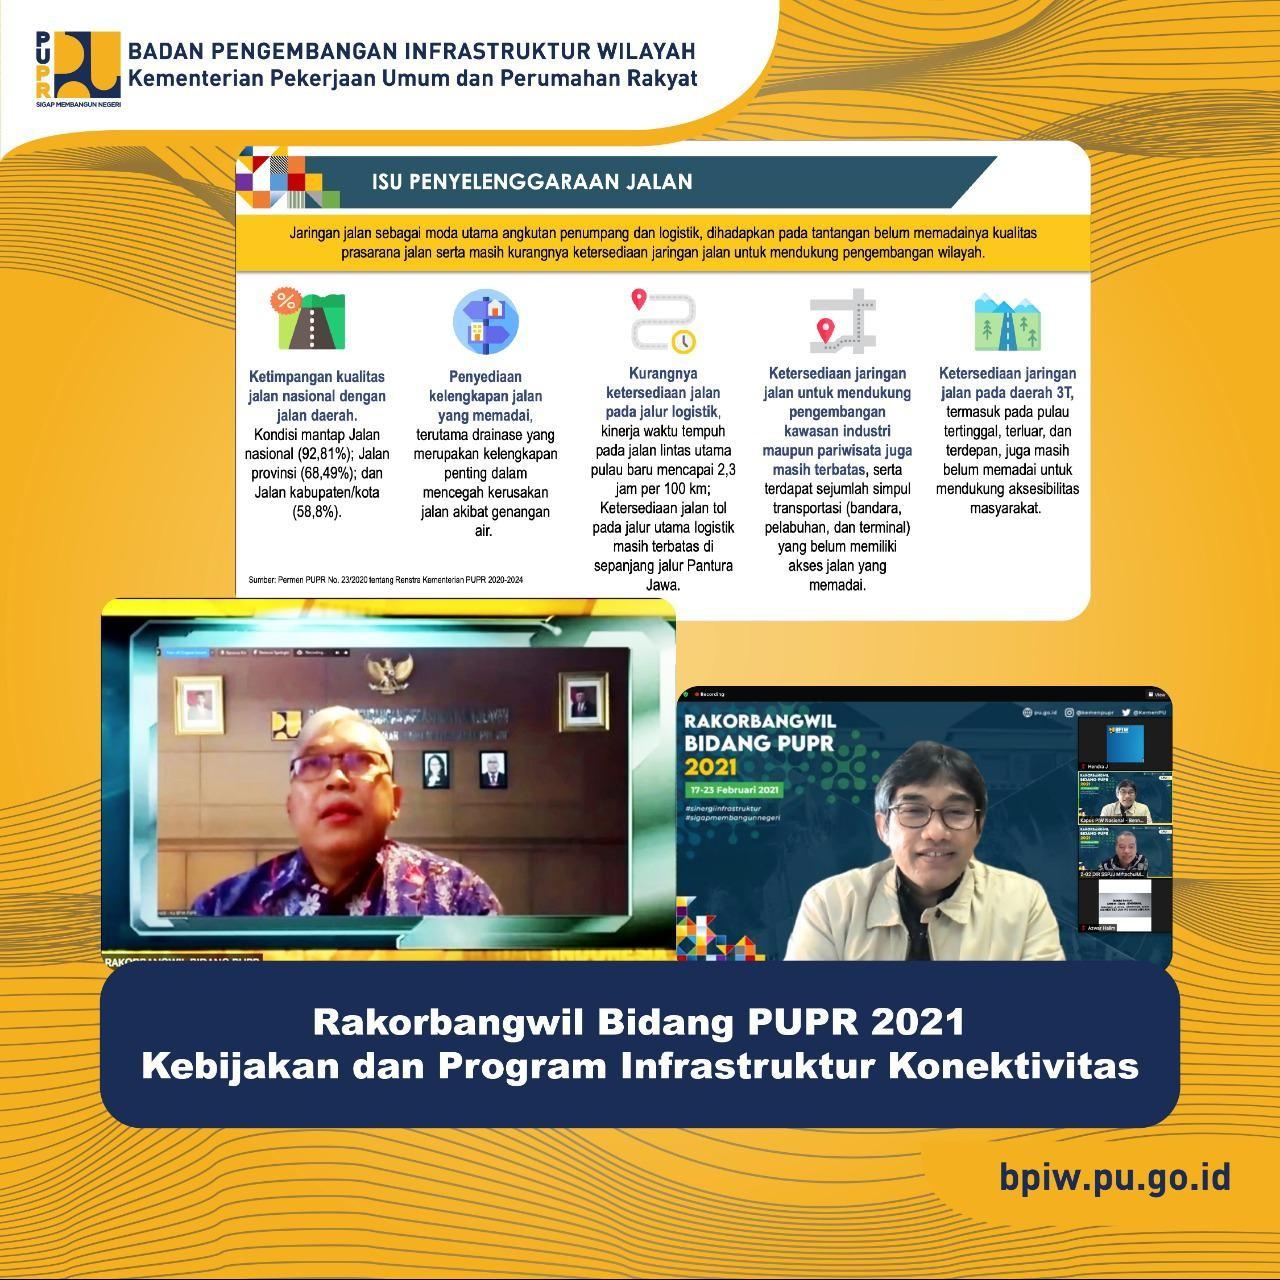 Program Infrastruktur terkait Konektivitas Ditajamkan di Rakorbangwil Bidang PUPR